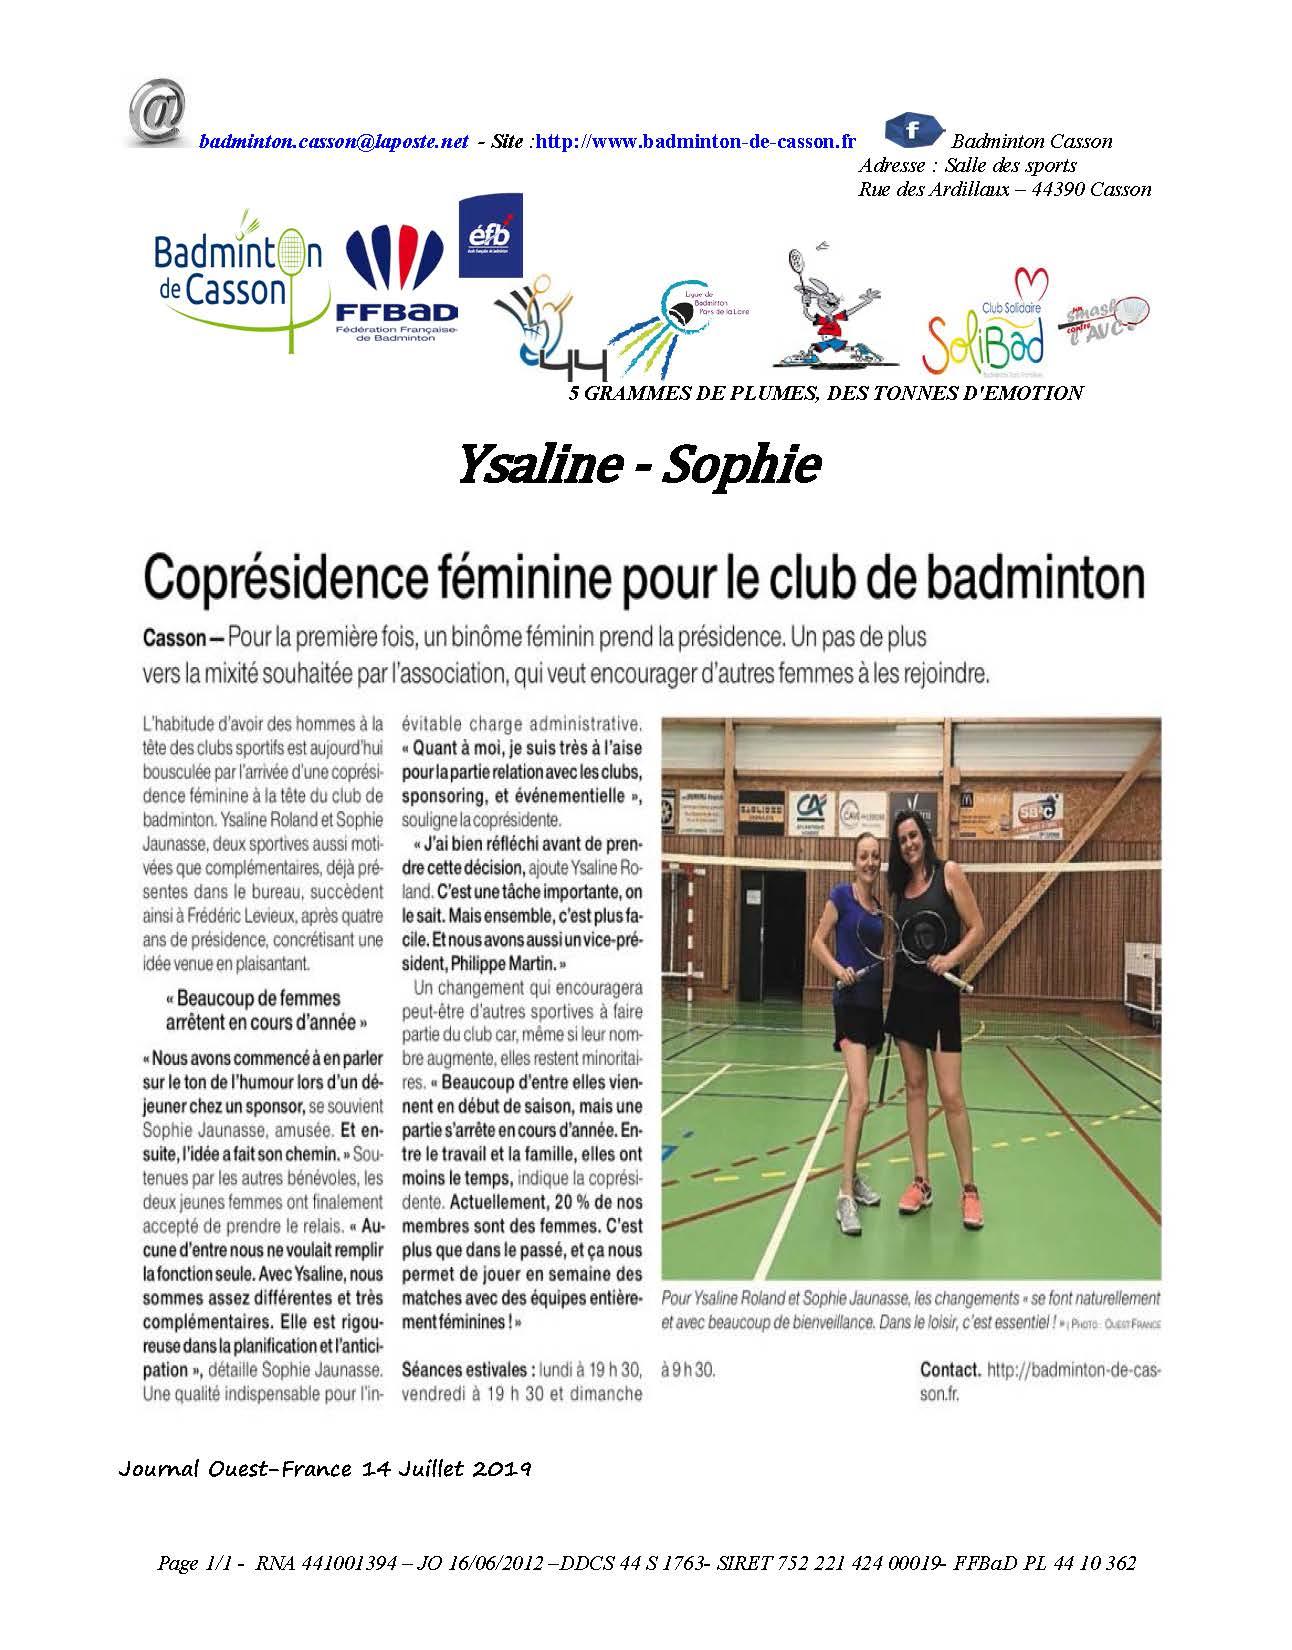 Coprésidence féminine au badminton de Casson